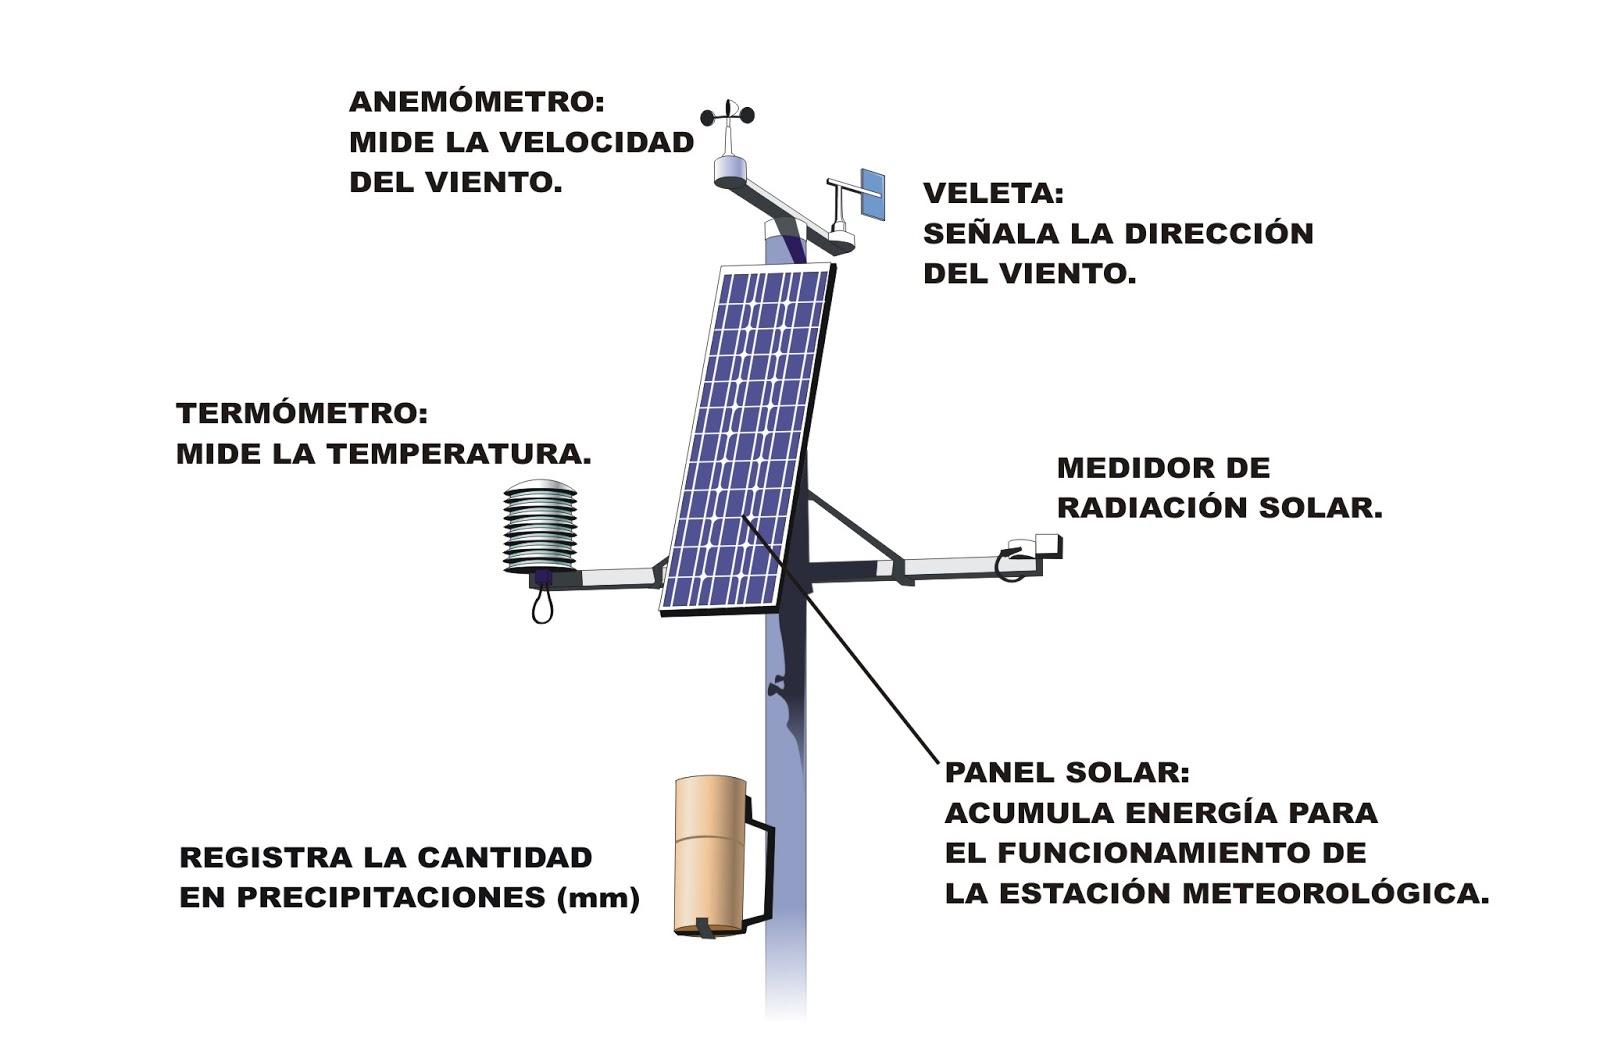 Termómetros de distintos tipos, para medir la temperatura. Barómetro